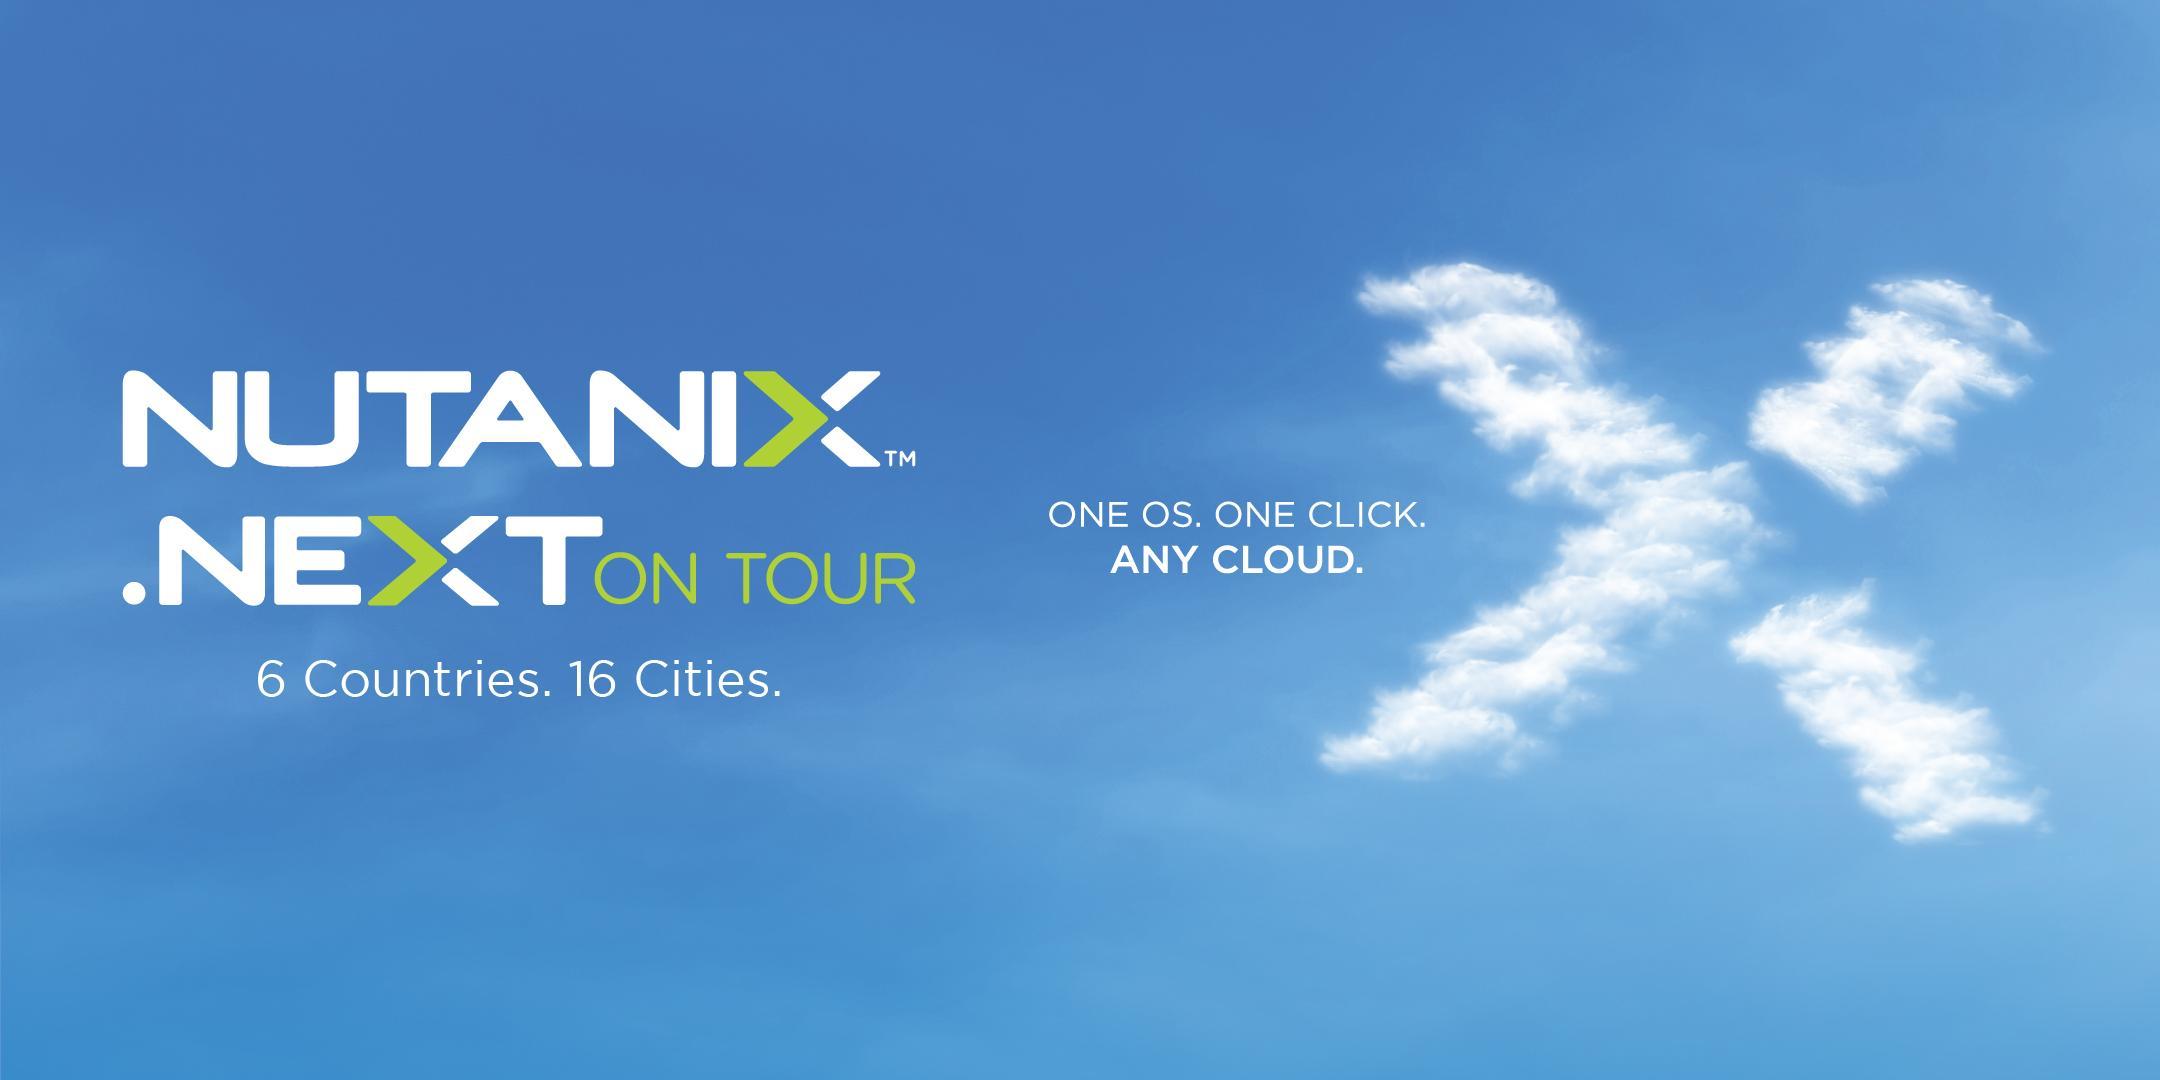 Nutanix .NEXT on Tour Zurich, Switzerland - 20th March 2018